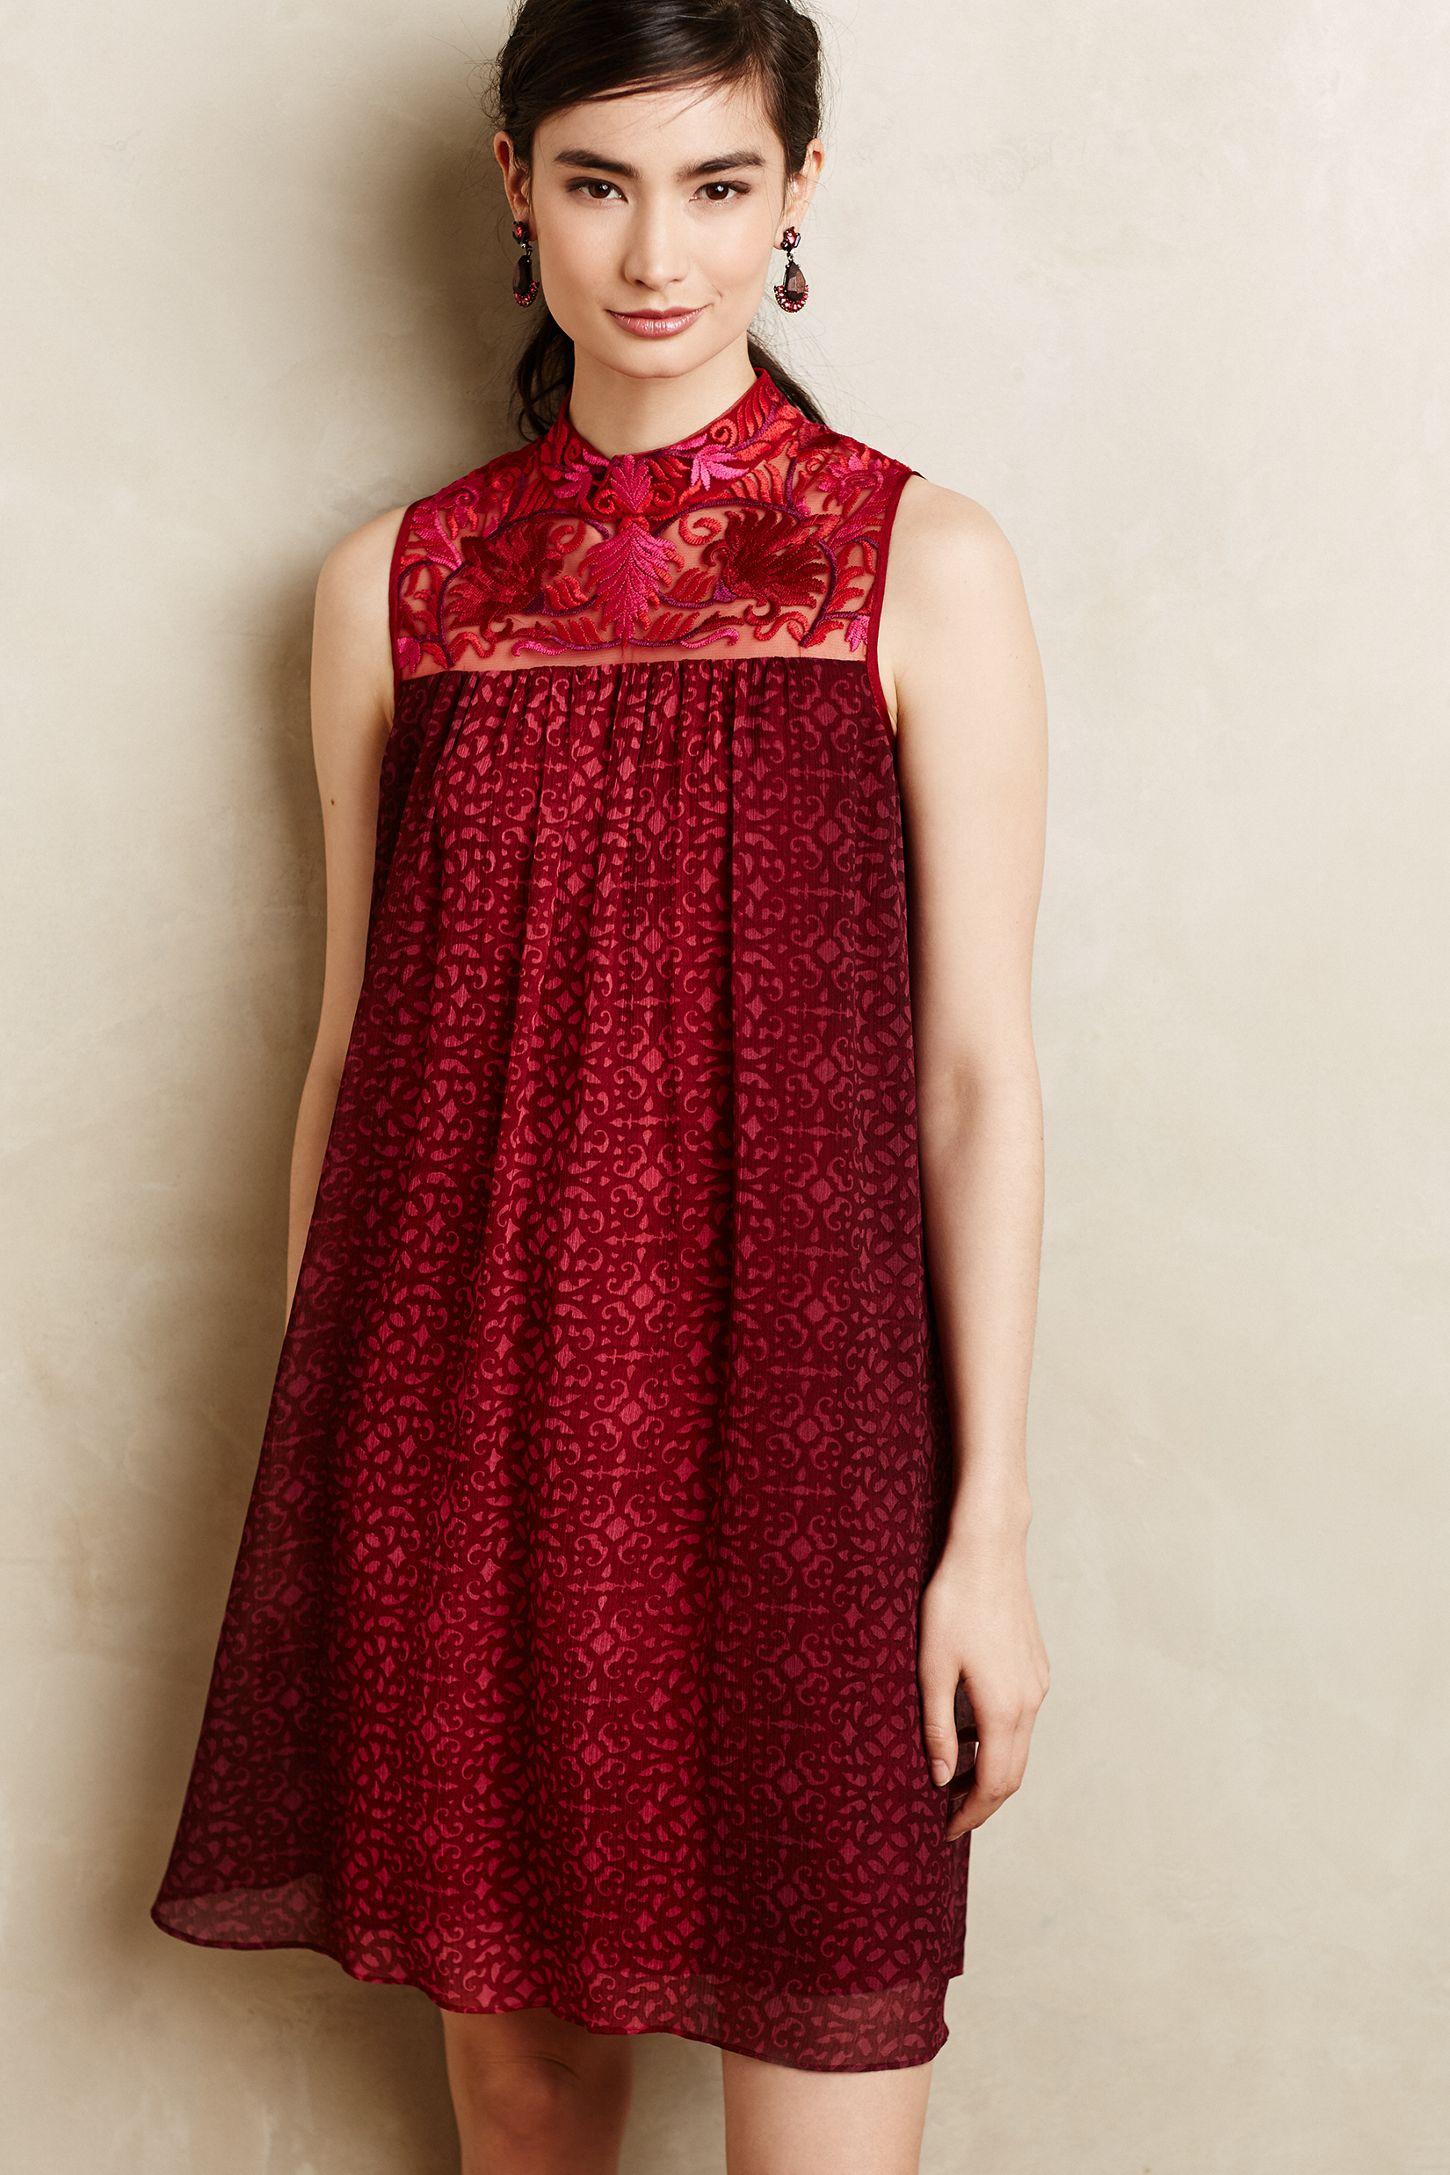 352dd7106f9d0 Amara Swing Dress | Anthropologie